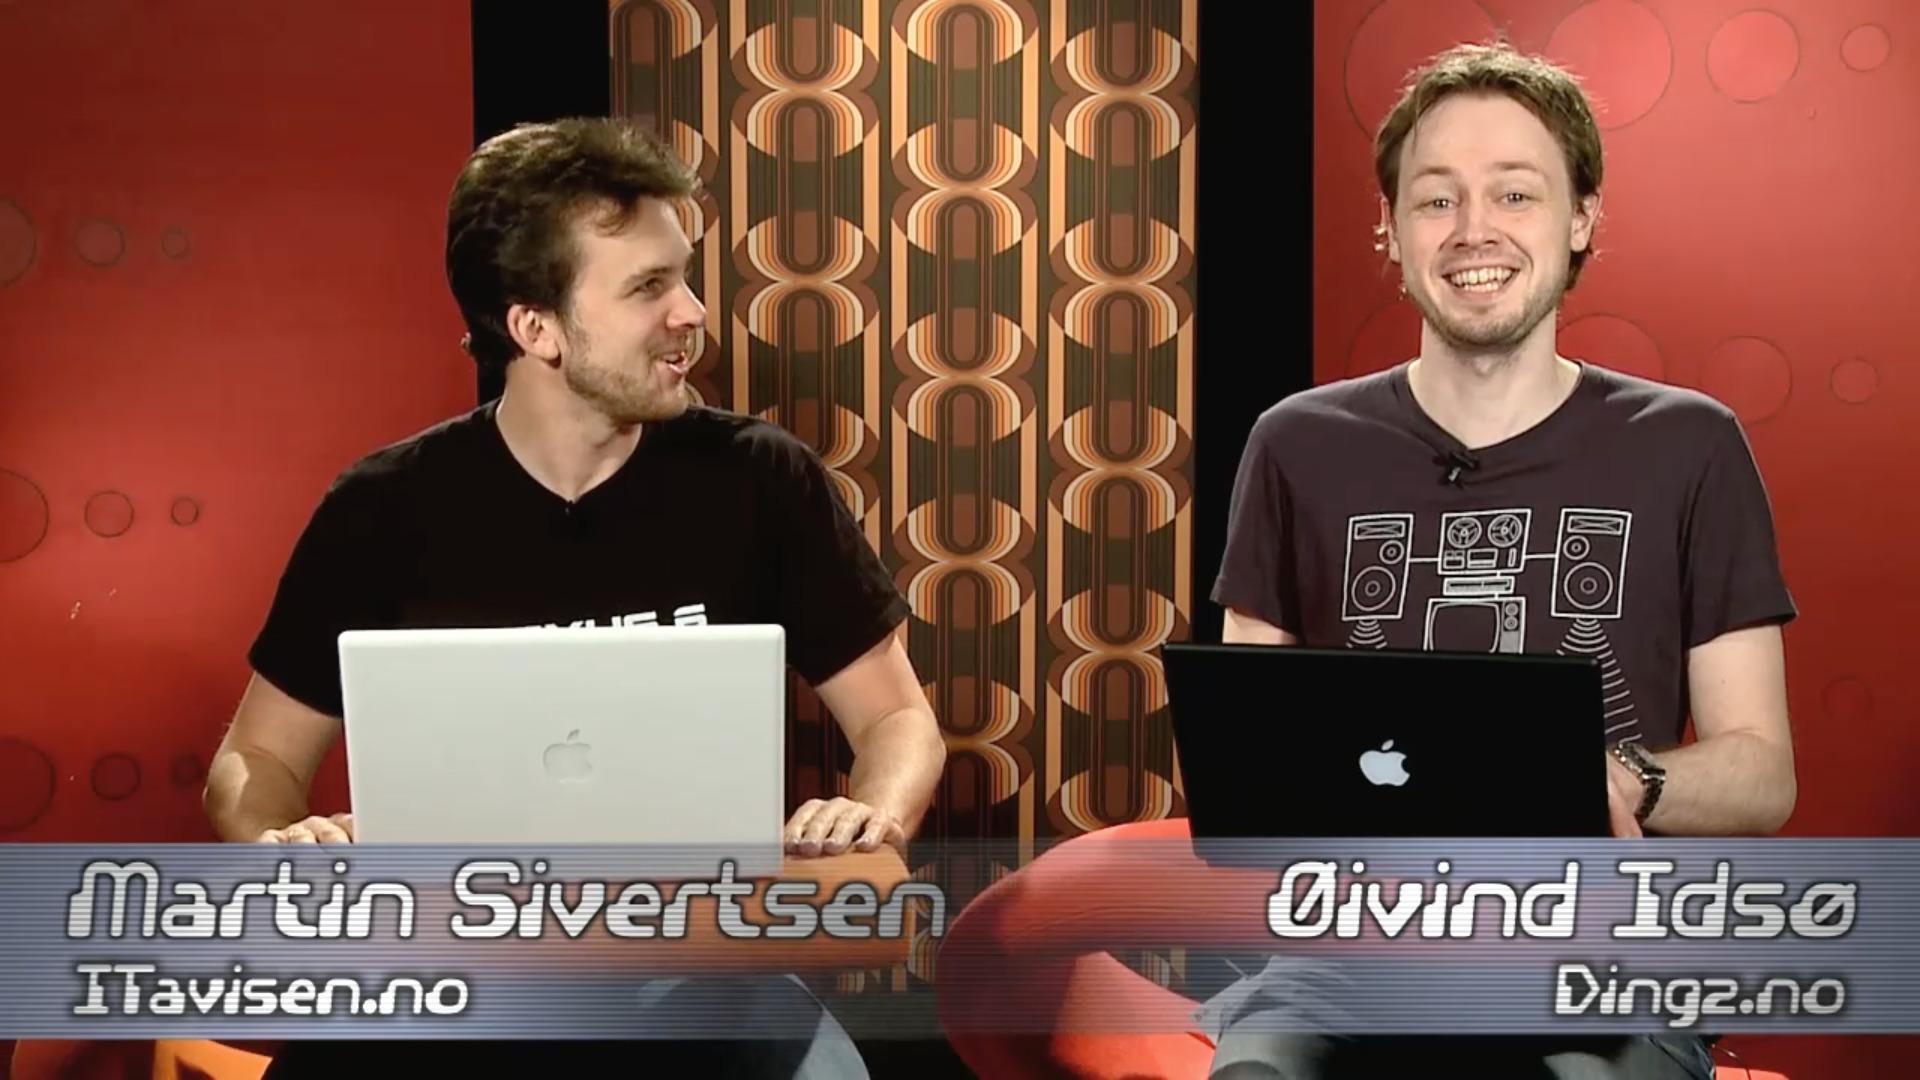 Martin Sivertsen og Øyvind Idsø (DinSide) - de to faste Klikk TV-ankrene.